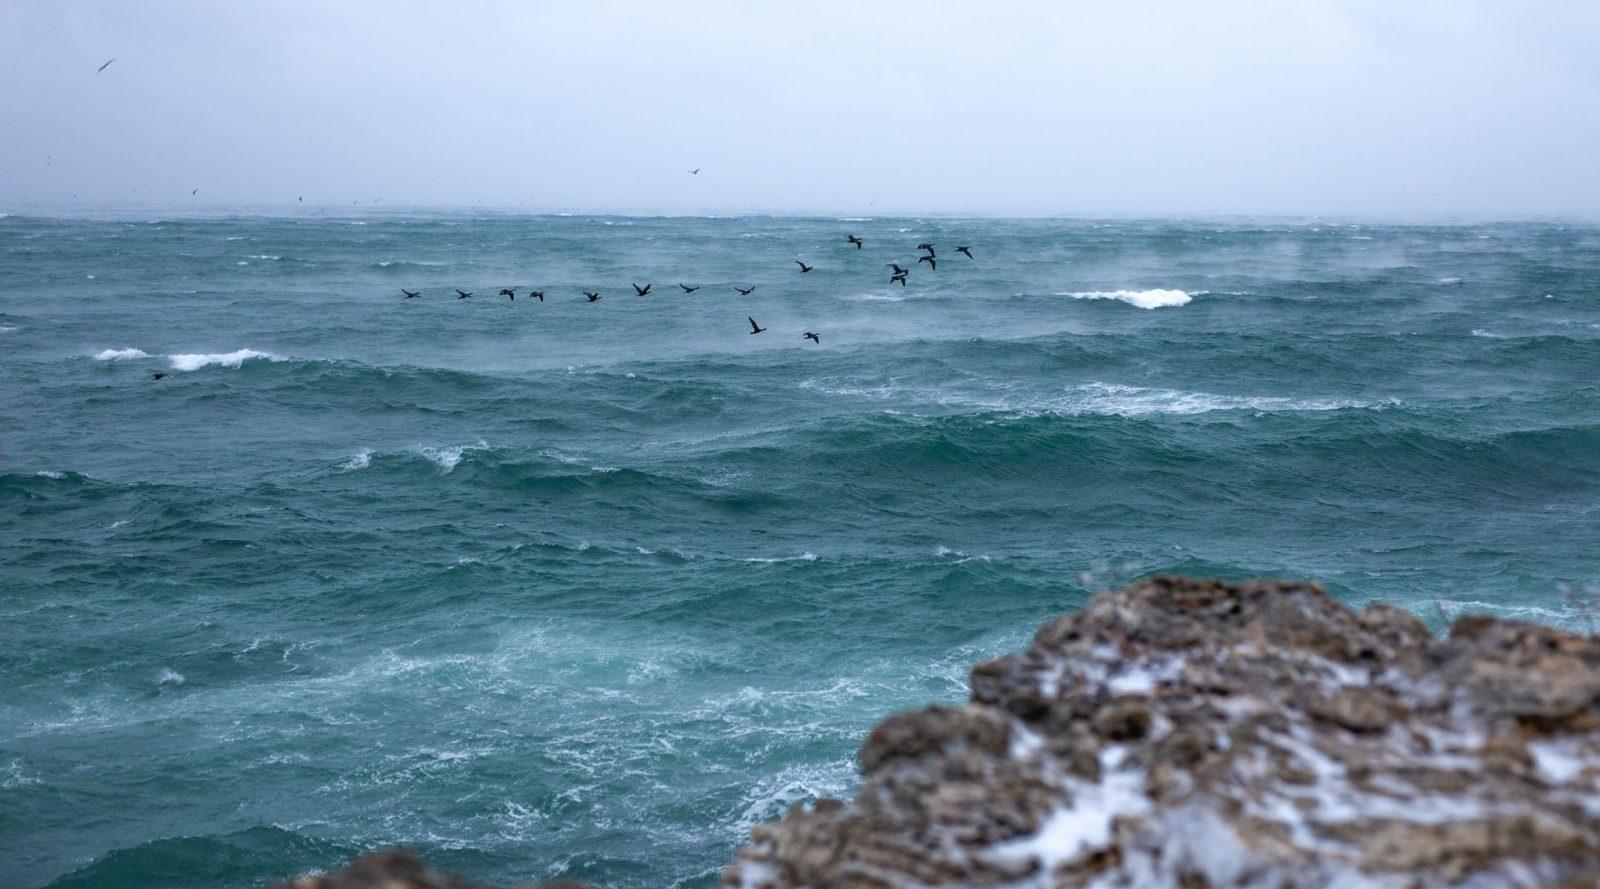 Vågor på havet med fåglar som flyger